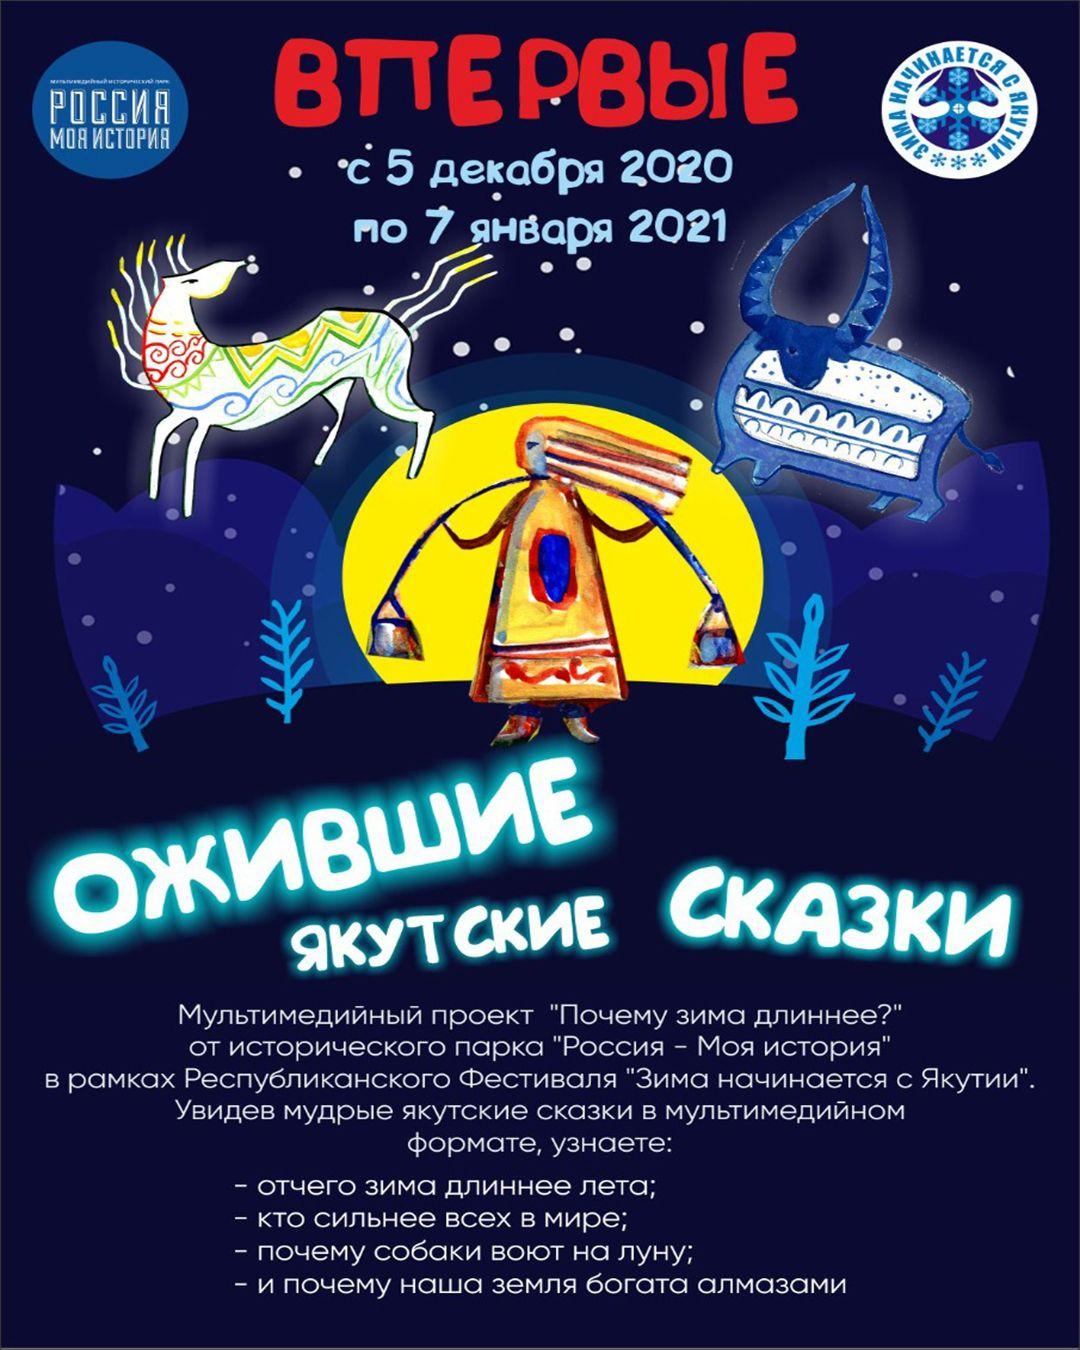 Исторический парк в Якутске запускает инсталляцию «Почему зима длиннее?»